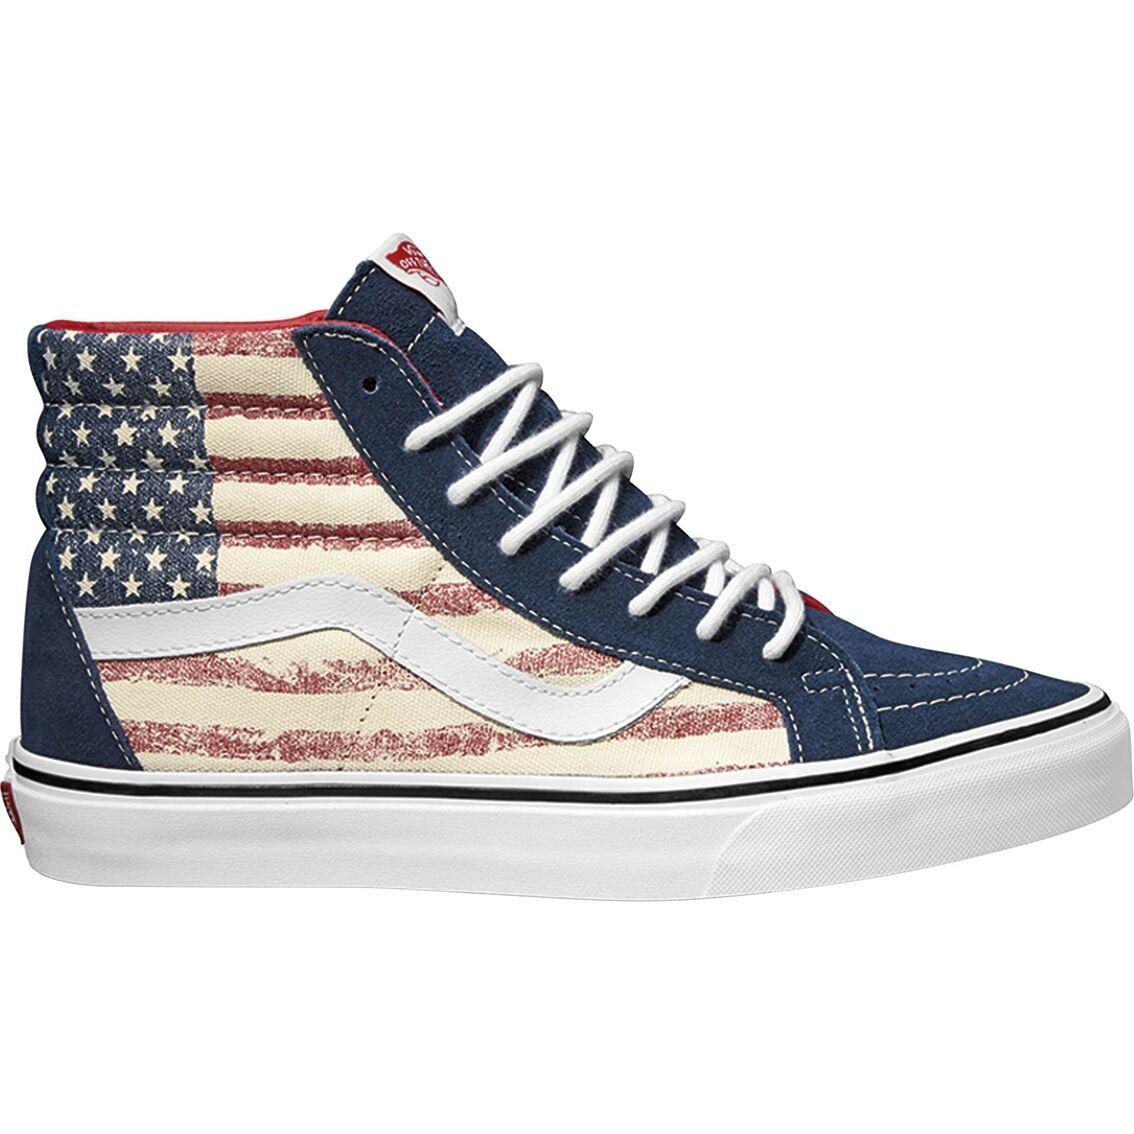 Vans SK8-Hi  HI TOP Dress bluees Americana USA Flag  Mens shoes Sizes 11M NIB